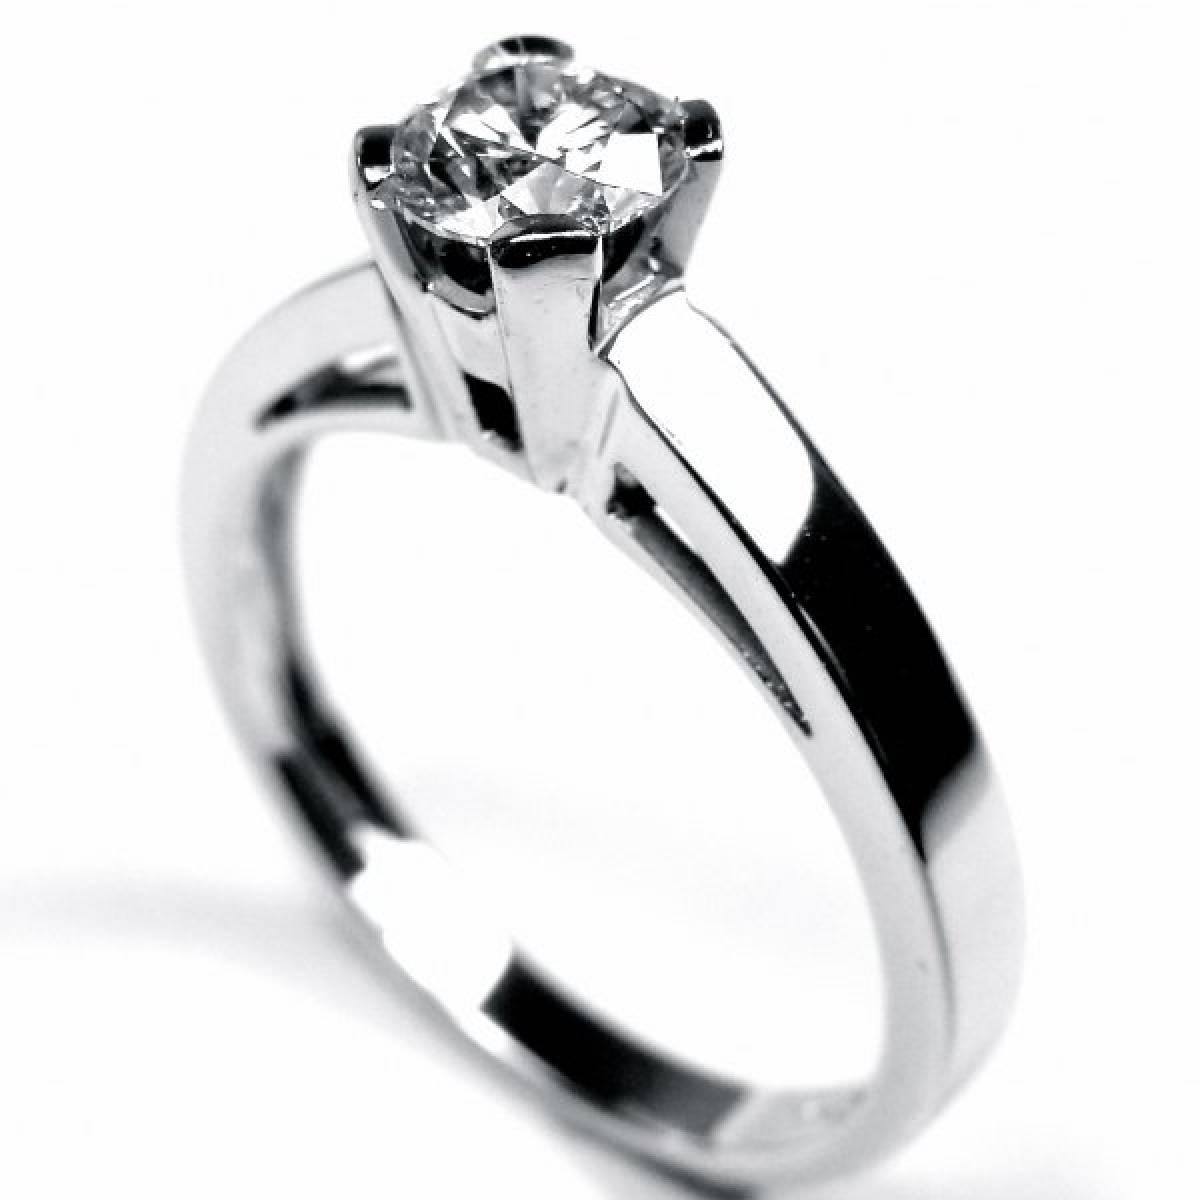 Anel de Noivado em ouro de 19,2 kts, com 1 diamante de 0,50 kts